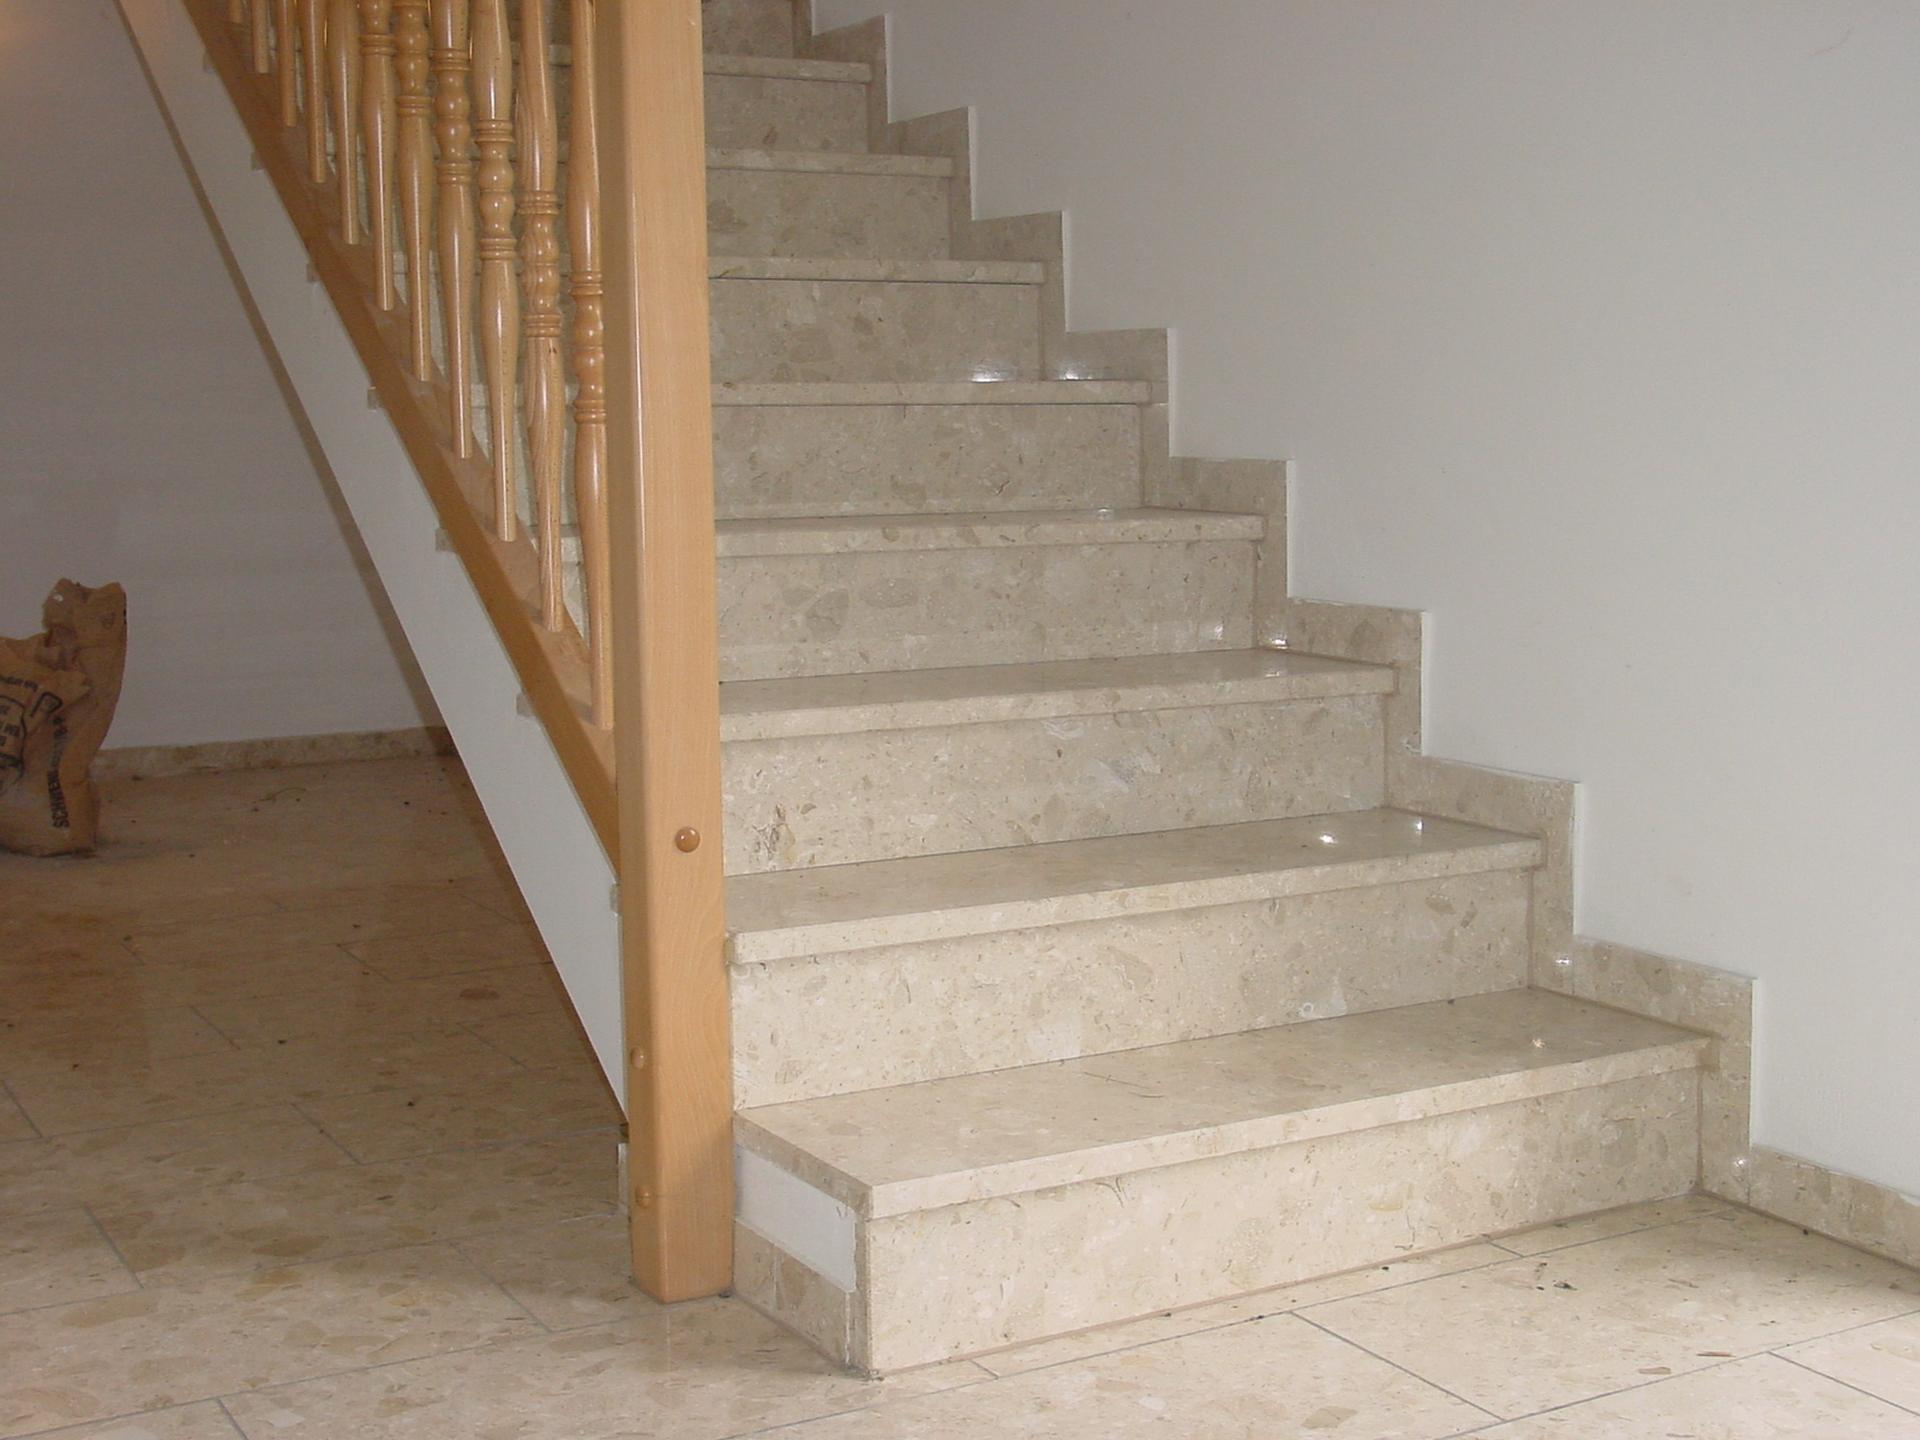 informationen rund um kunststein und agglo marmor wagner treppenbau mainleus. Black Bedroom Furniture Sets. Home Design Ideas